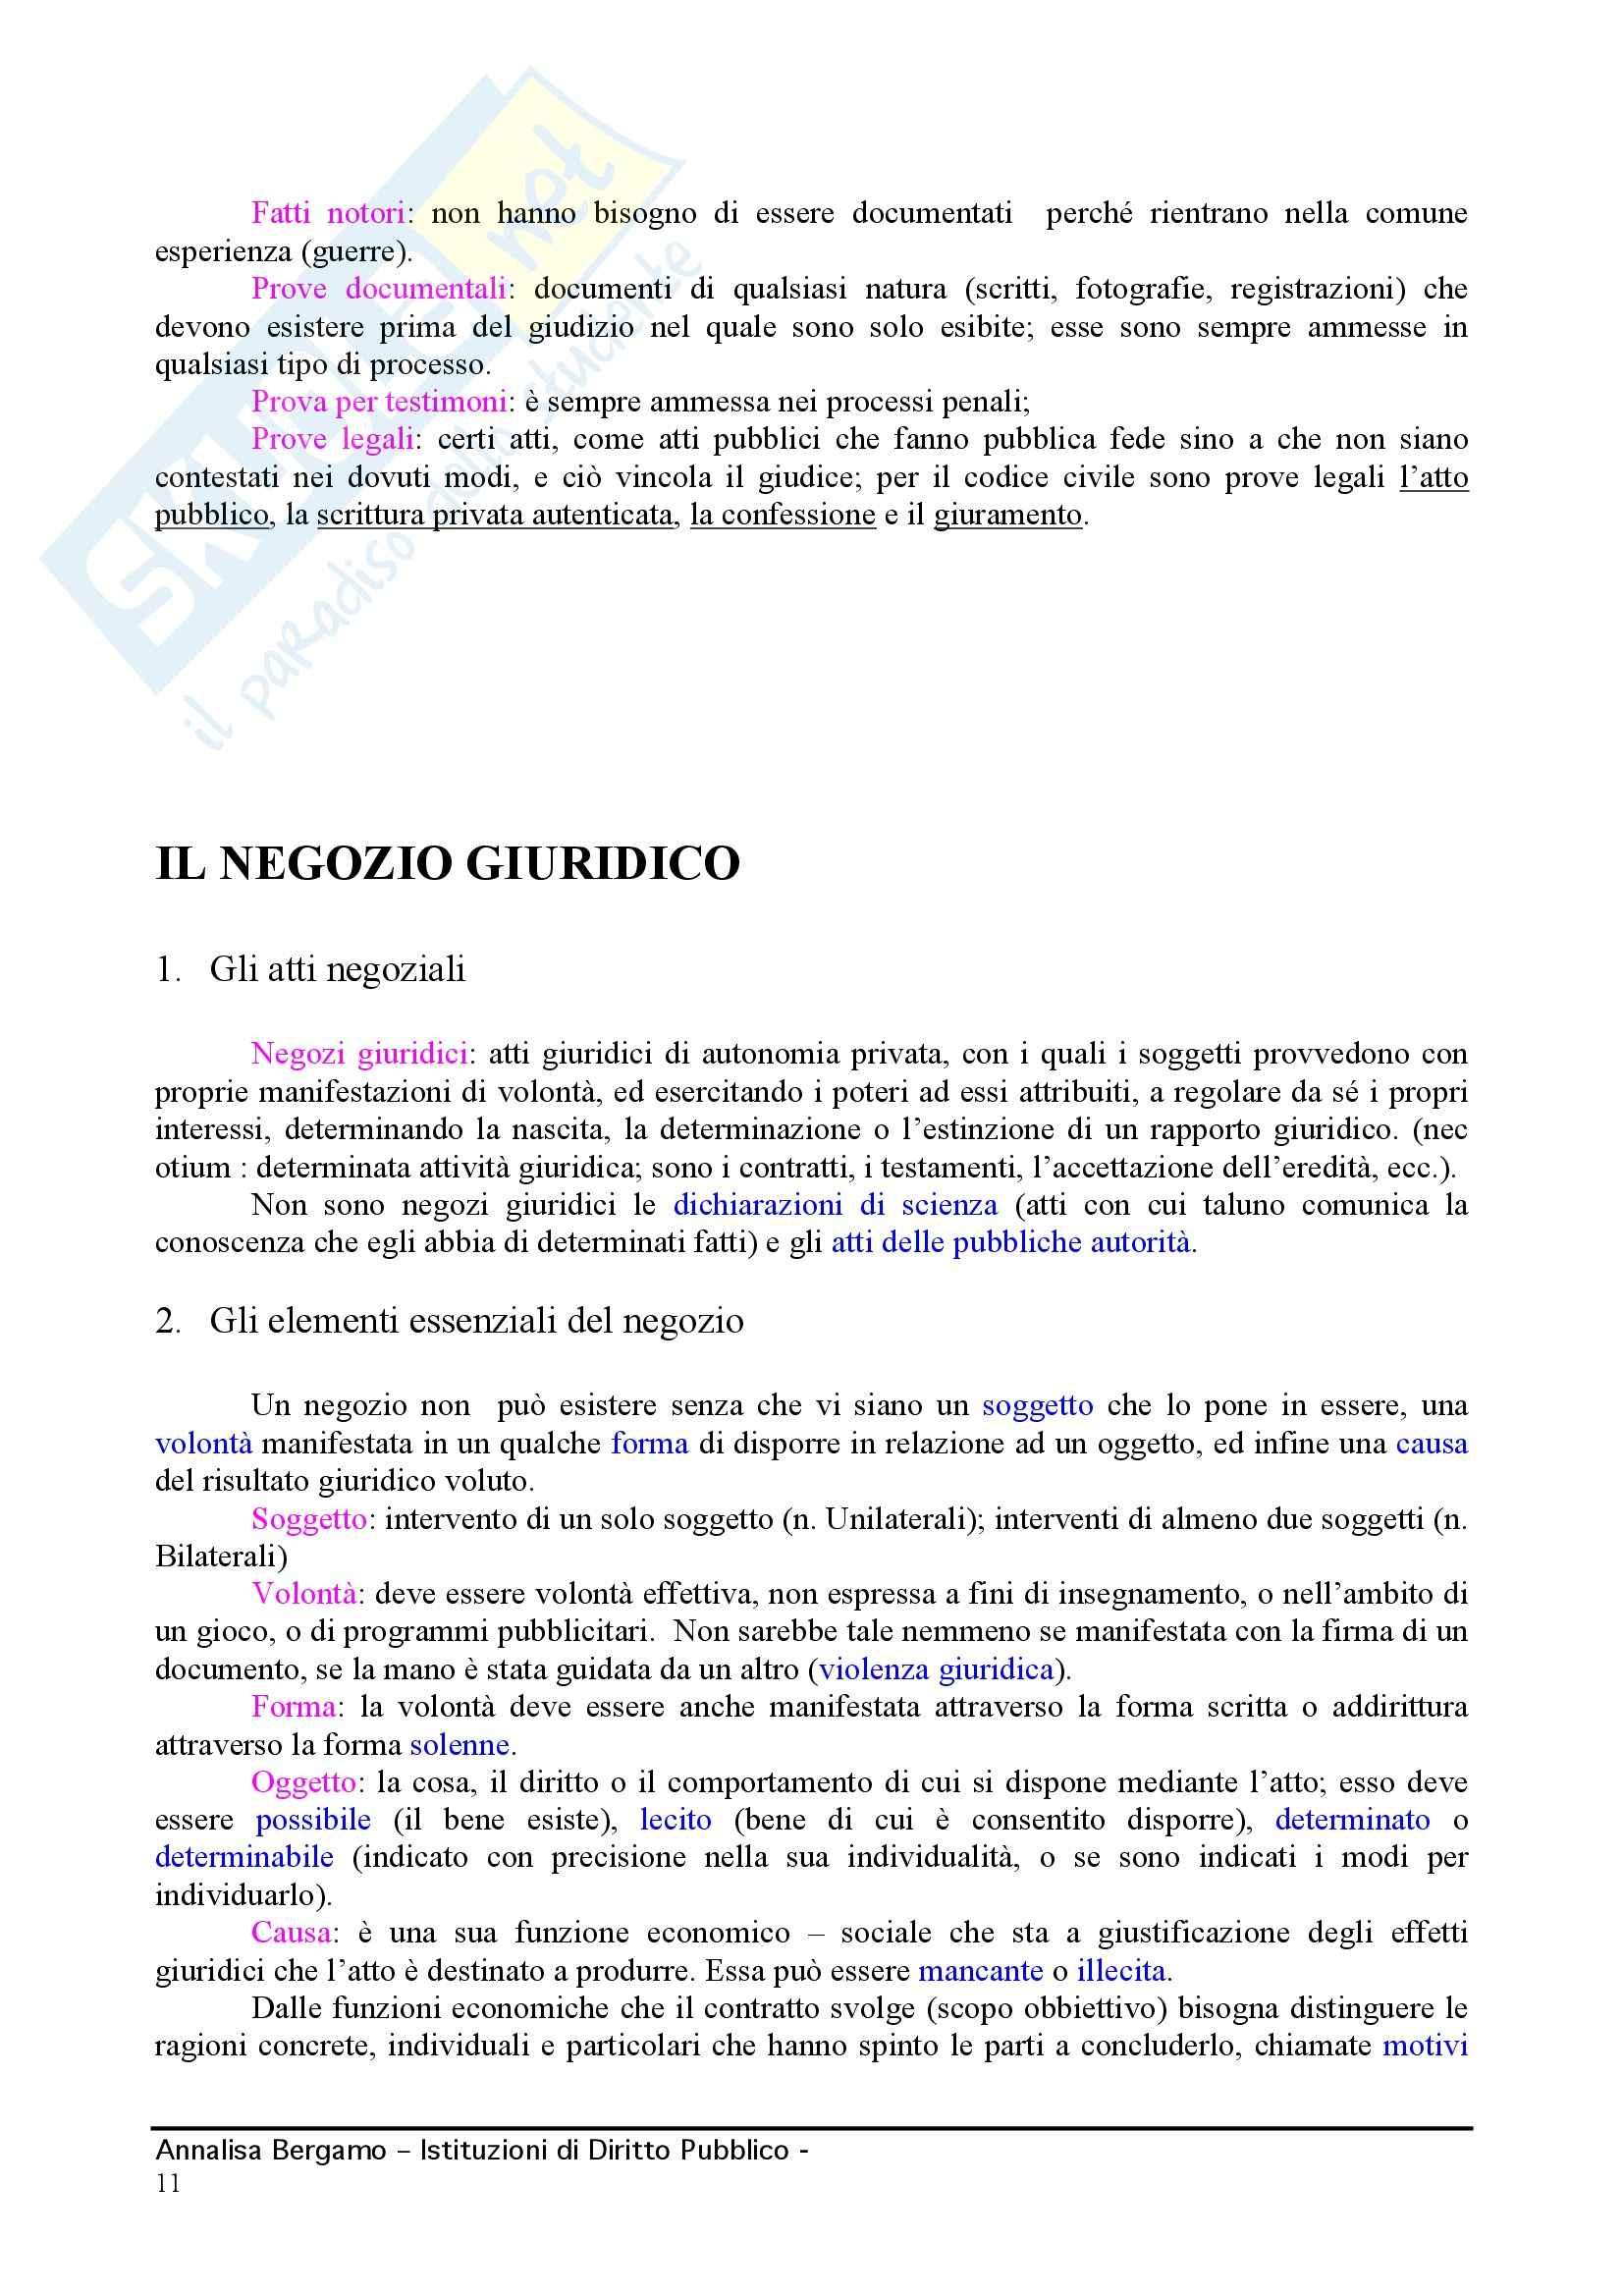 Diritto pubblico - Compendio Pag. 11